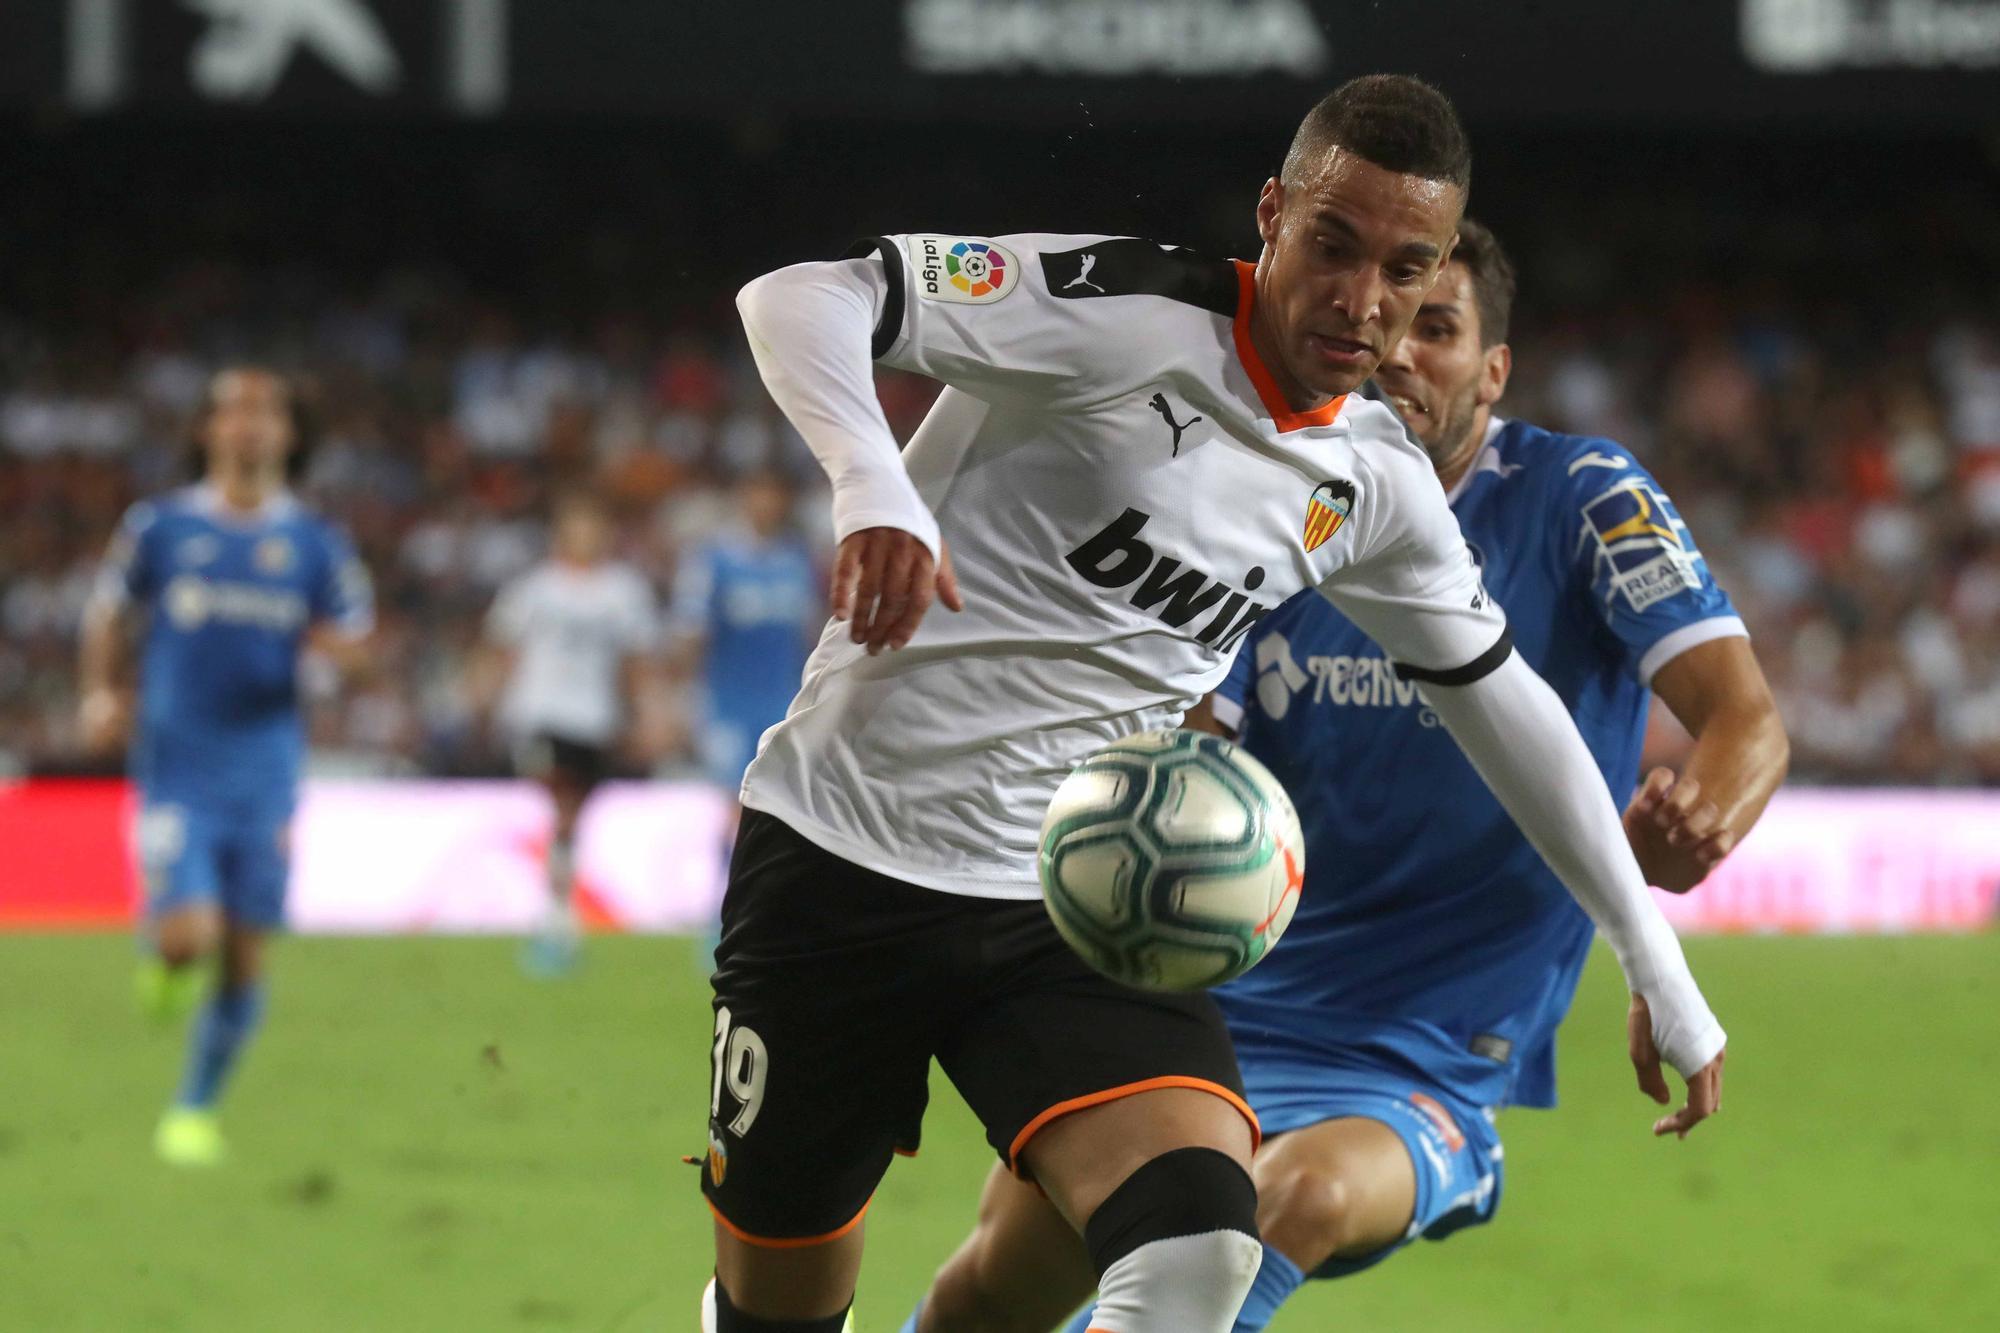 Los enfrentamientos Valencia CF - Getafe con Bordalás en el banquillo madrileño